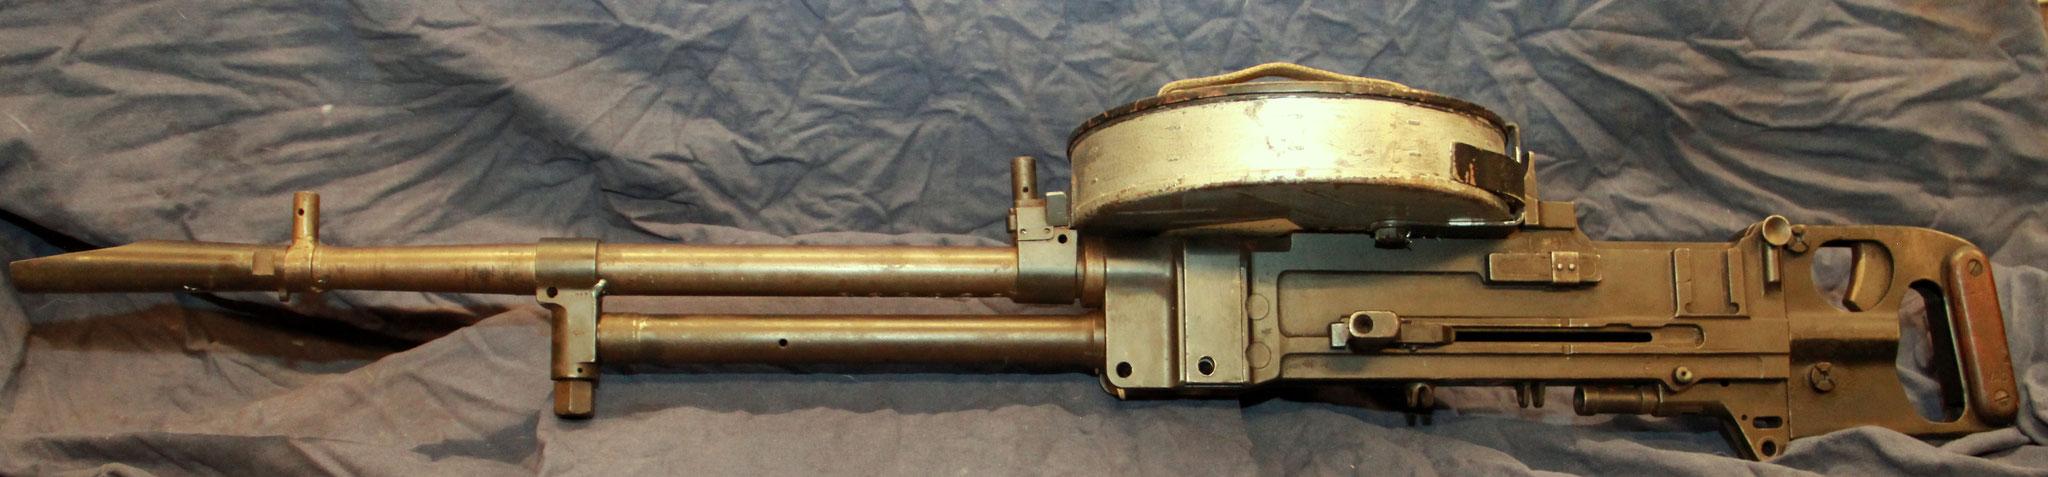 Vickers K. No.: 1720. € 4950,-